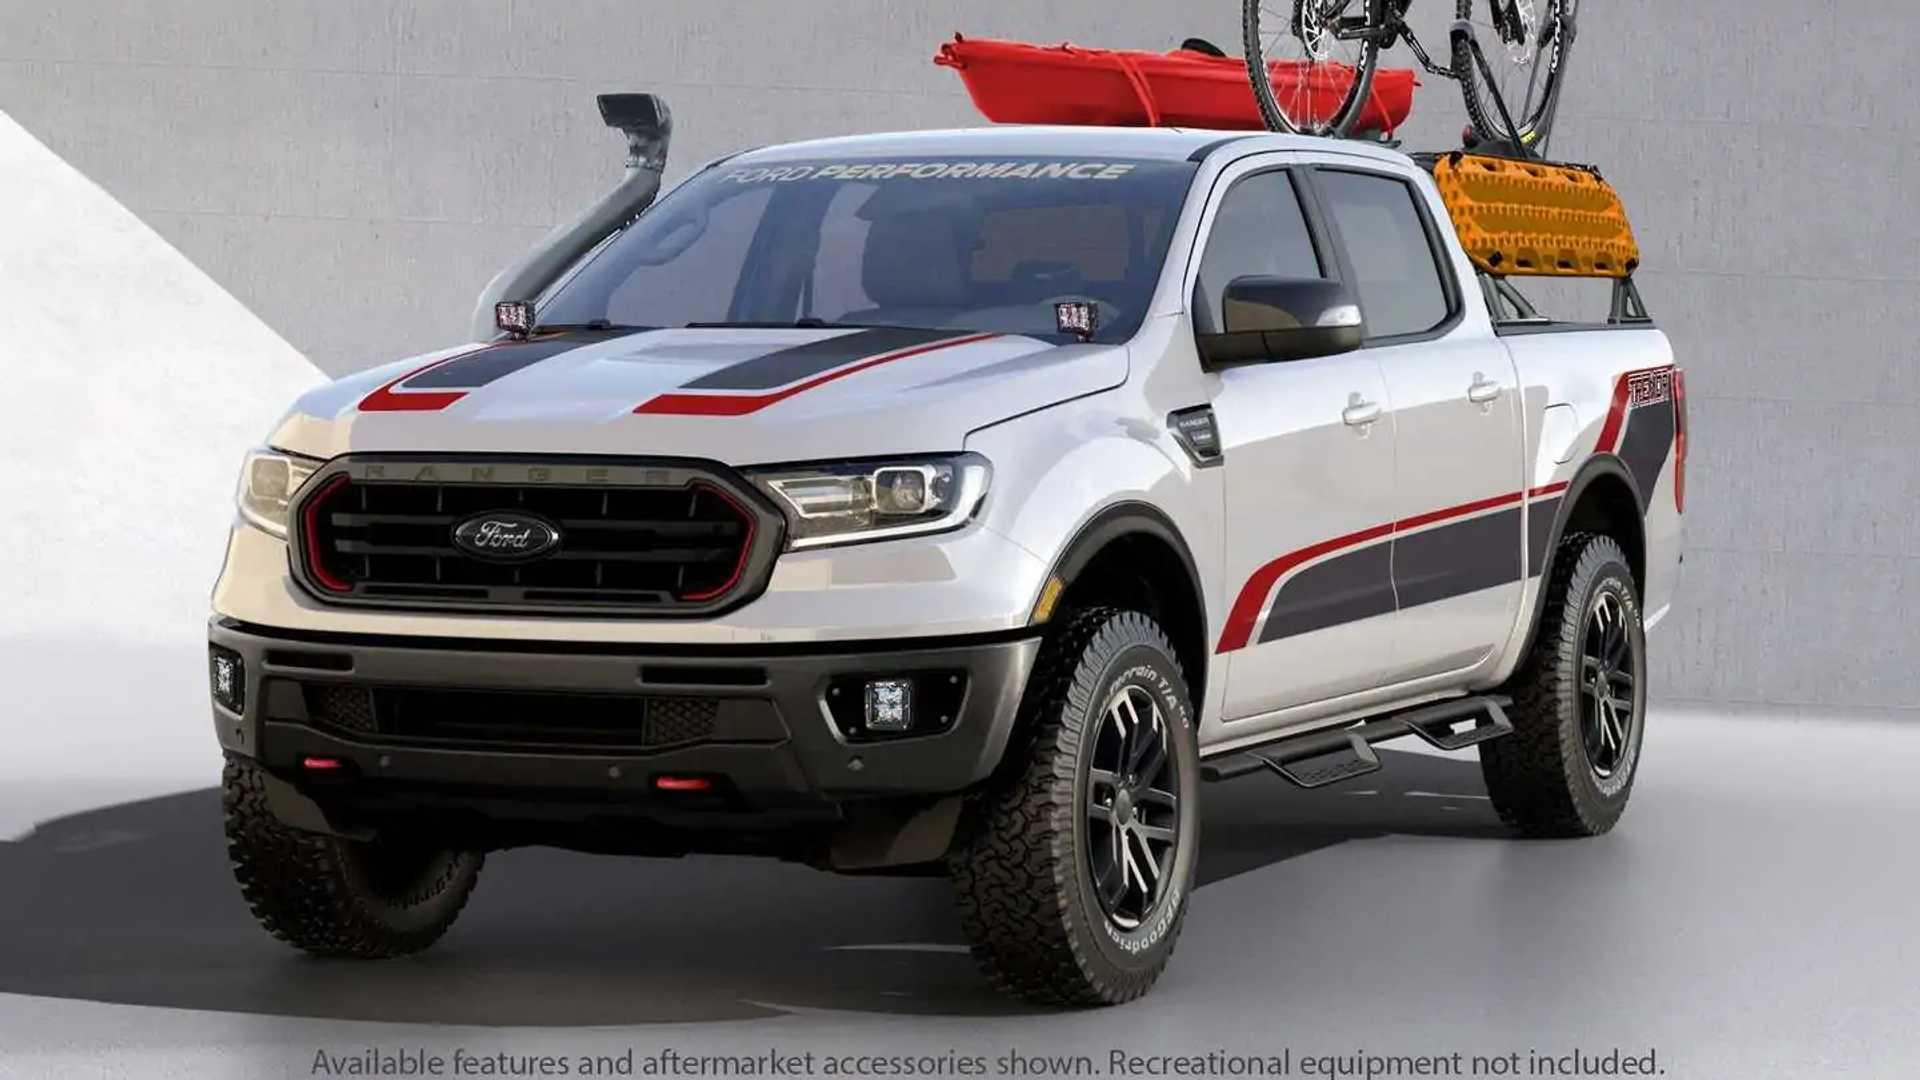 Ford Ranger Xlt Tremor Supercrew Concept Motor1 Com Photos